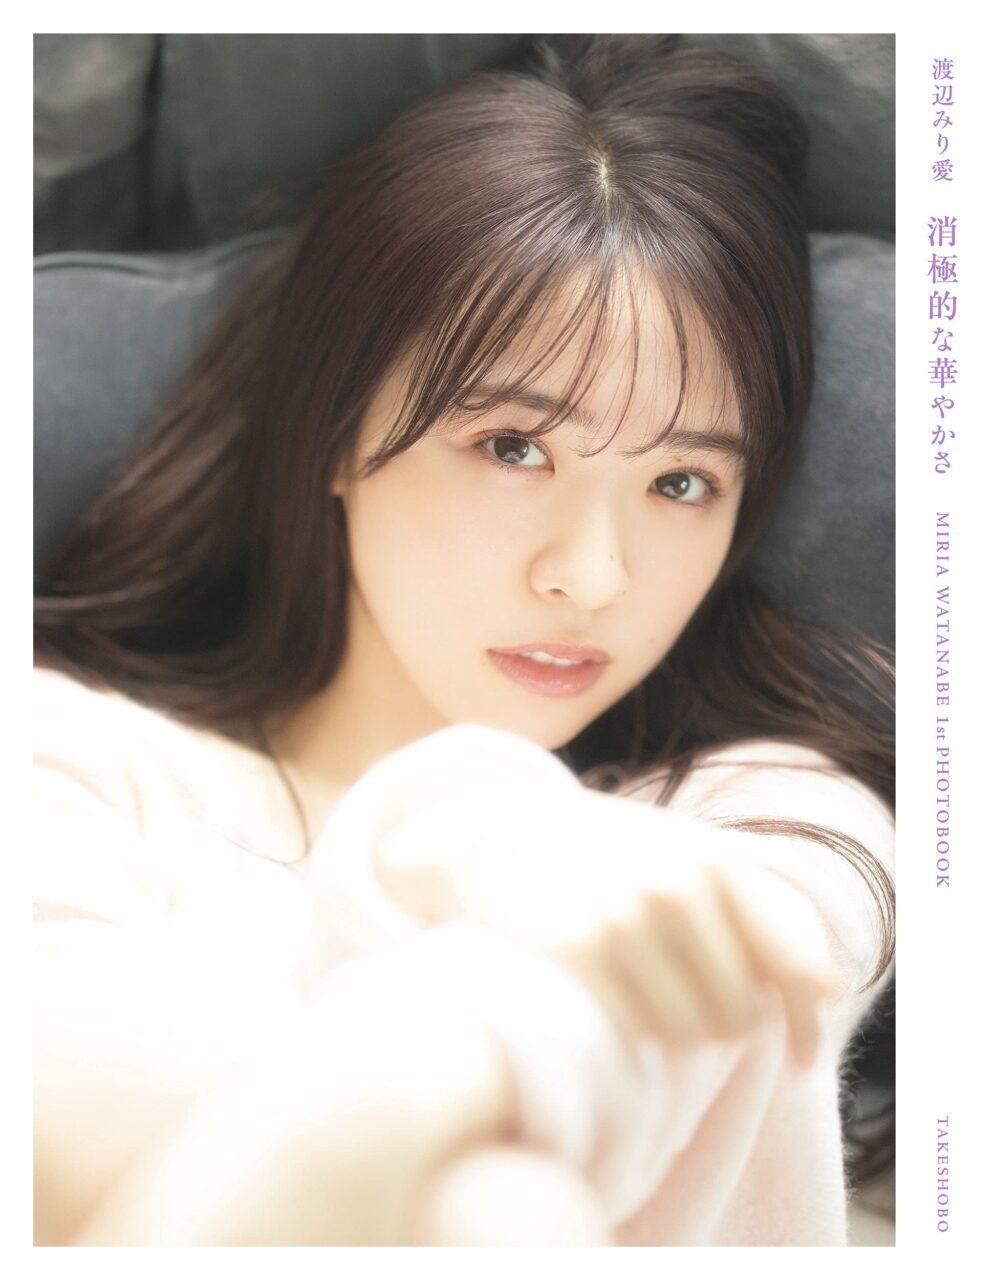 乃木坂46 渡辺みり愛 1st写真集「消極的な華やかさ」